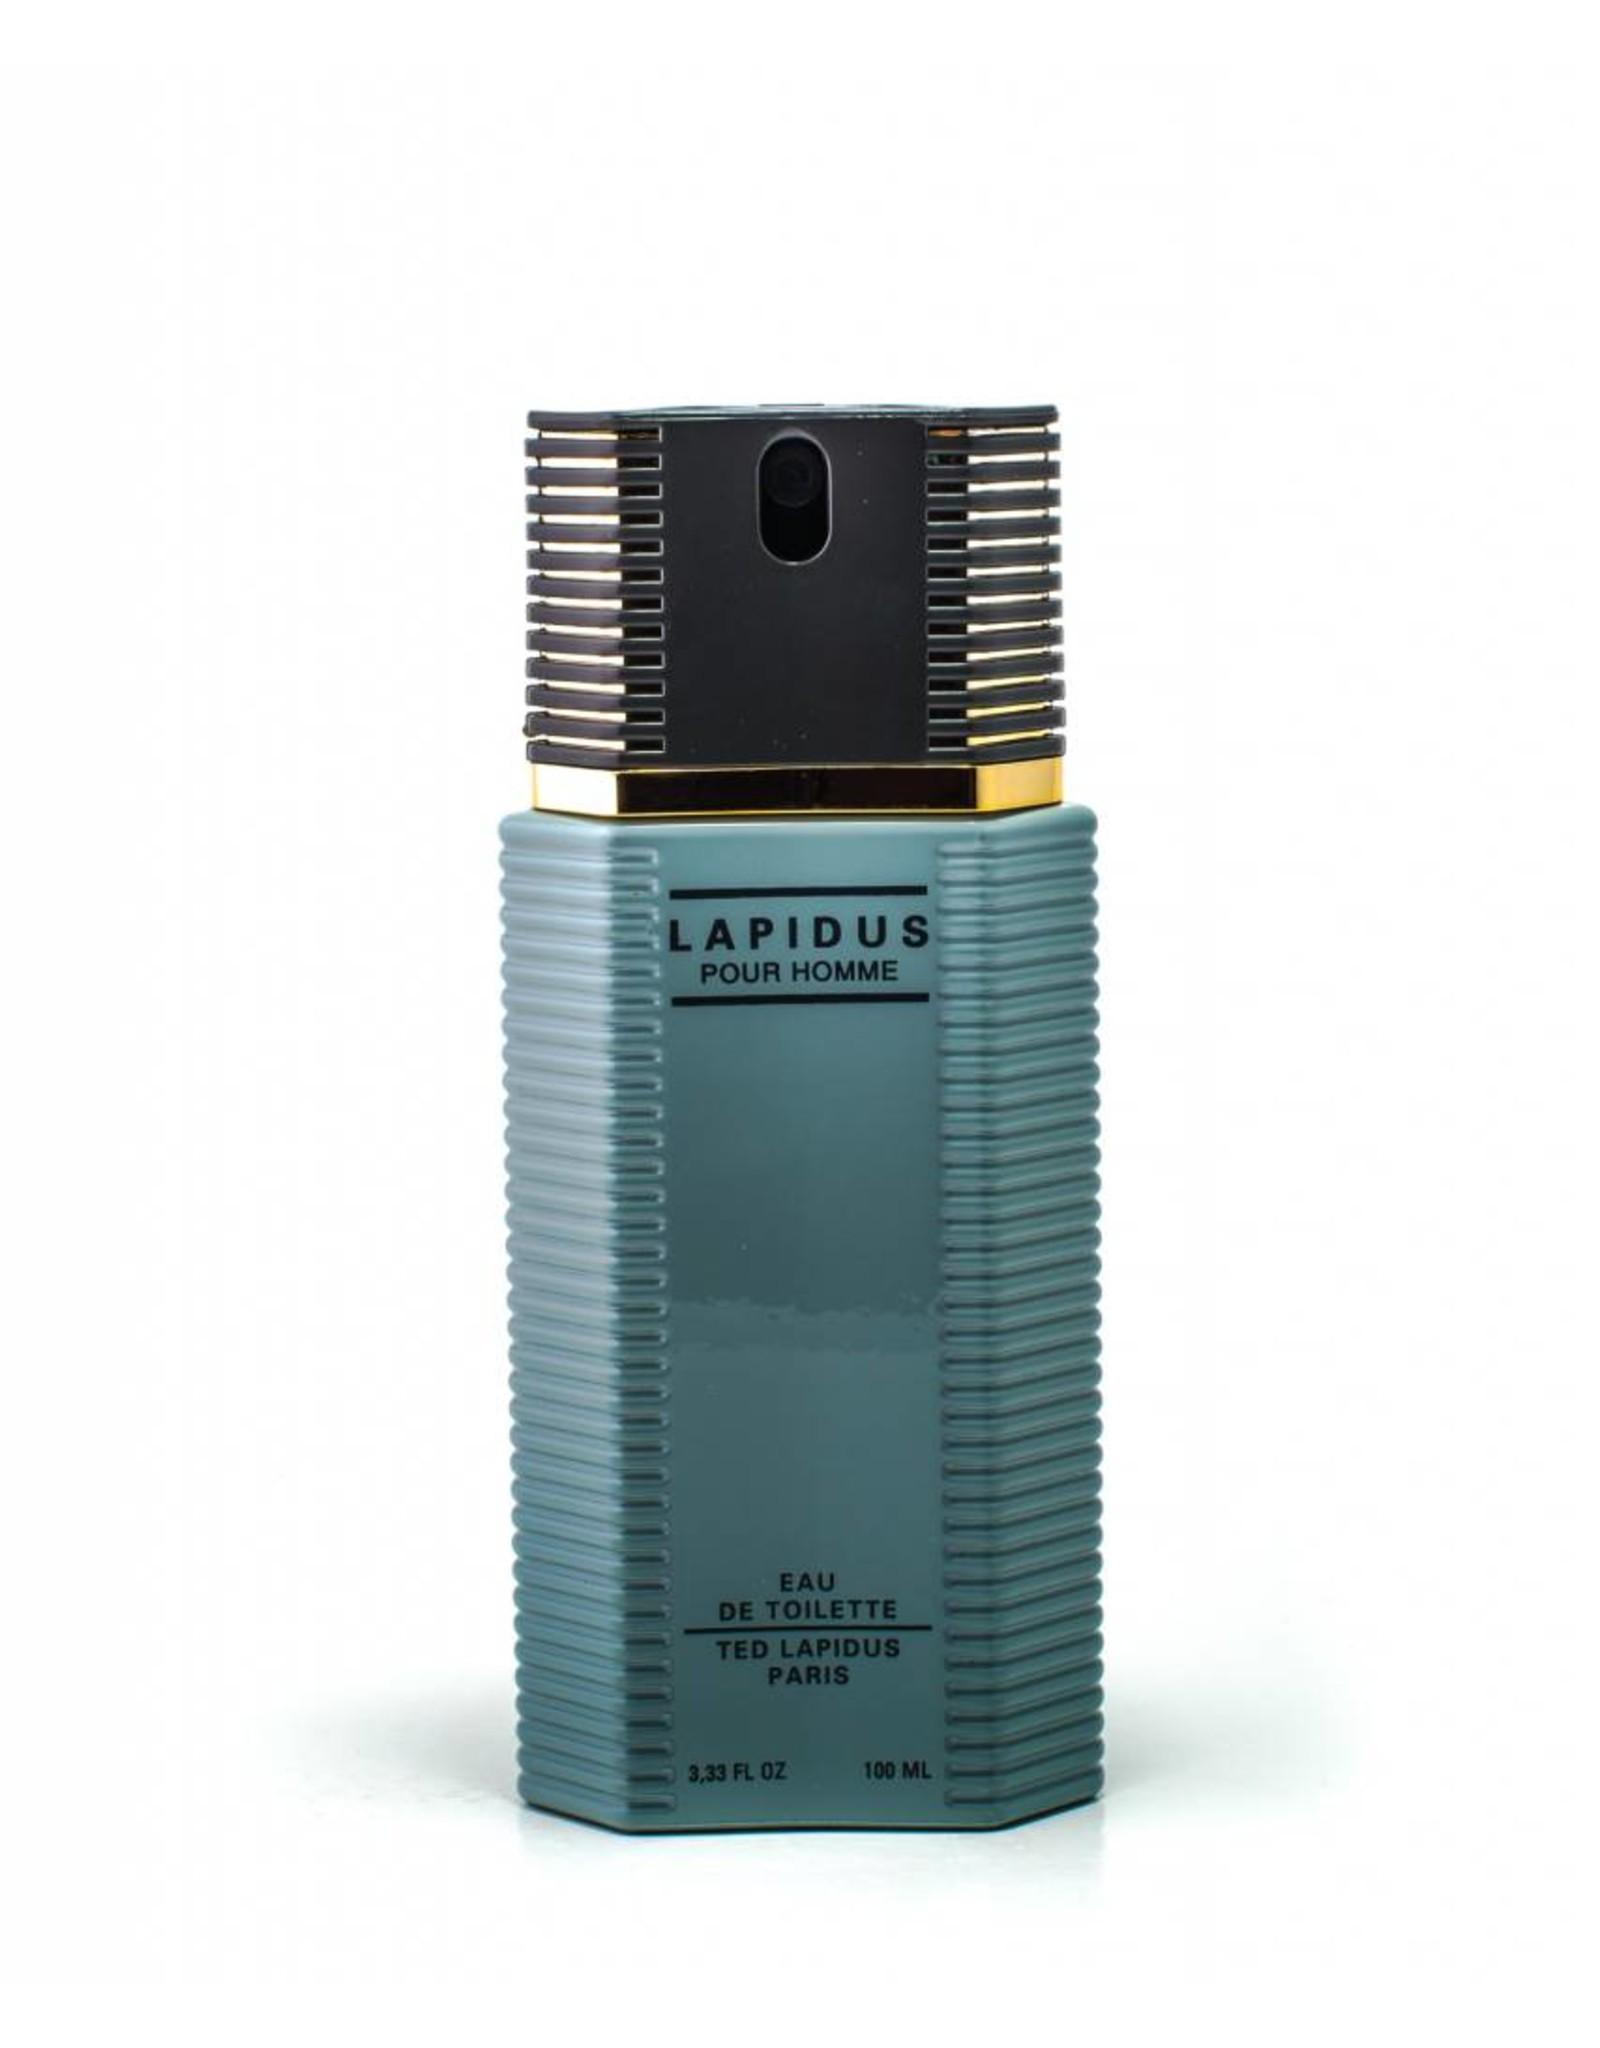 TED LAPIDUS TED LAPIDUS LAPIDUS